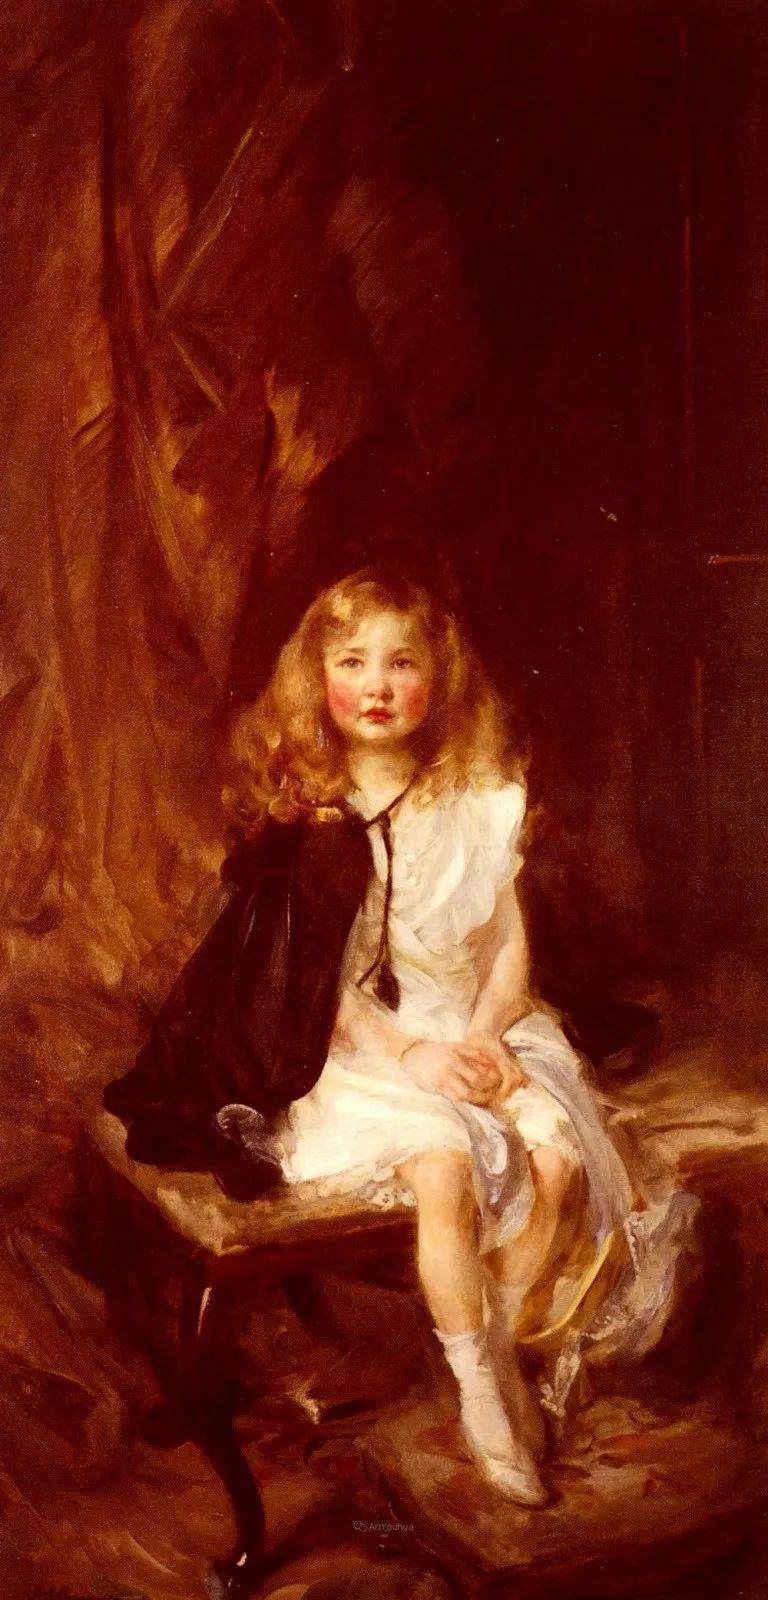 画家笔下苗条的女子,美丽优雅!英裔美国画家James Jebusa Shannon插图20